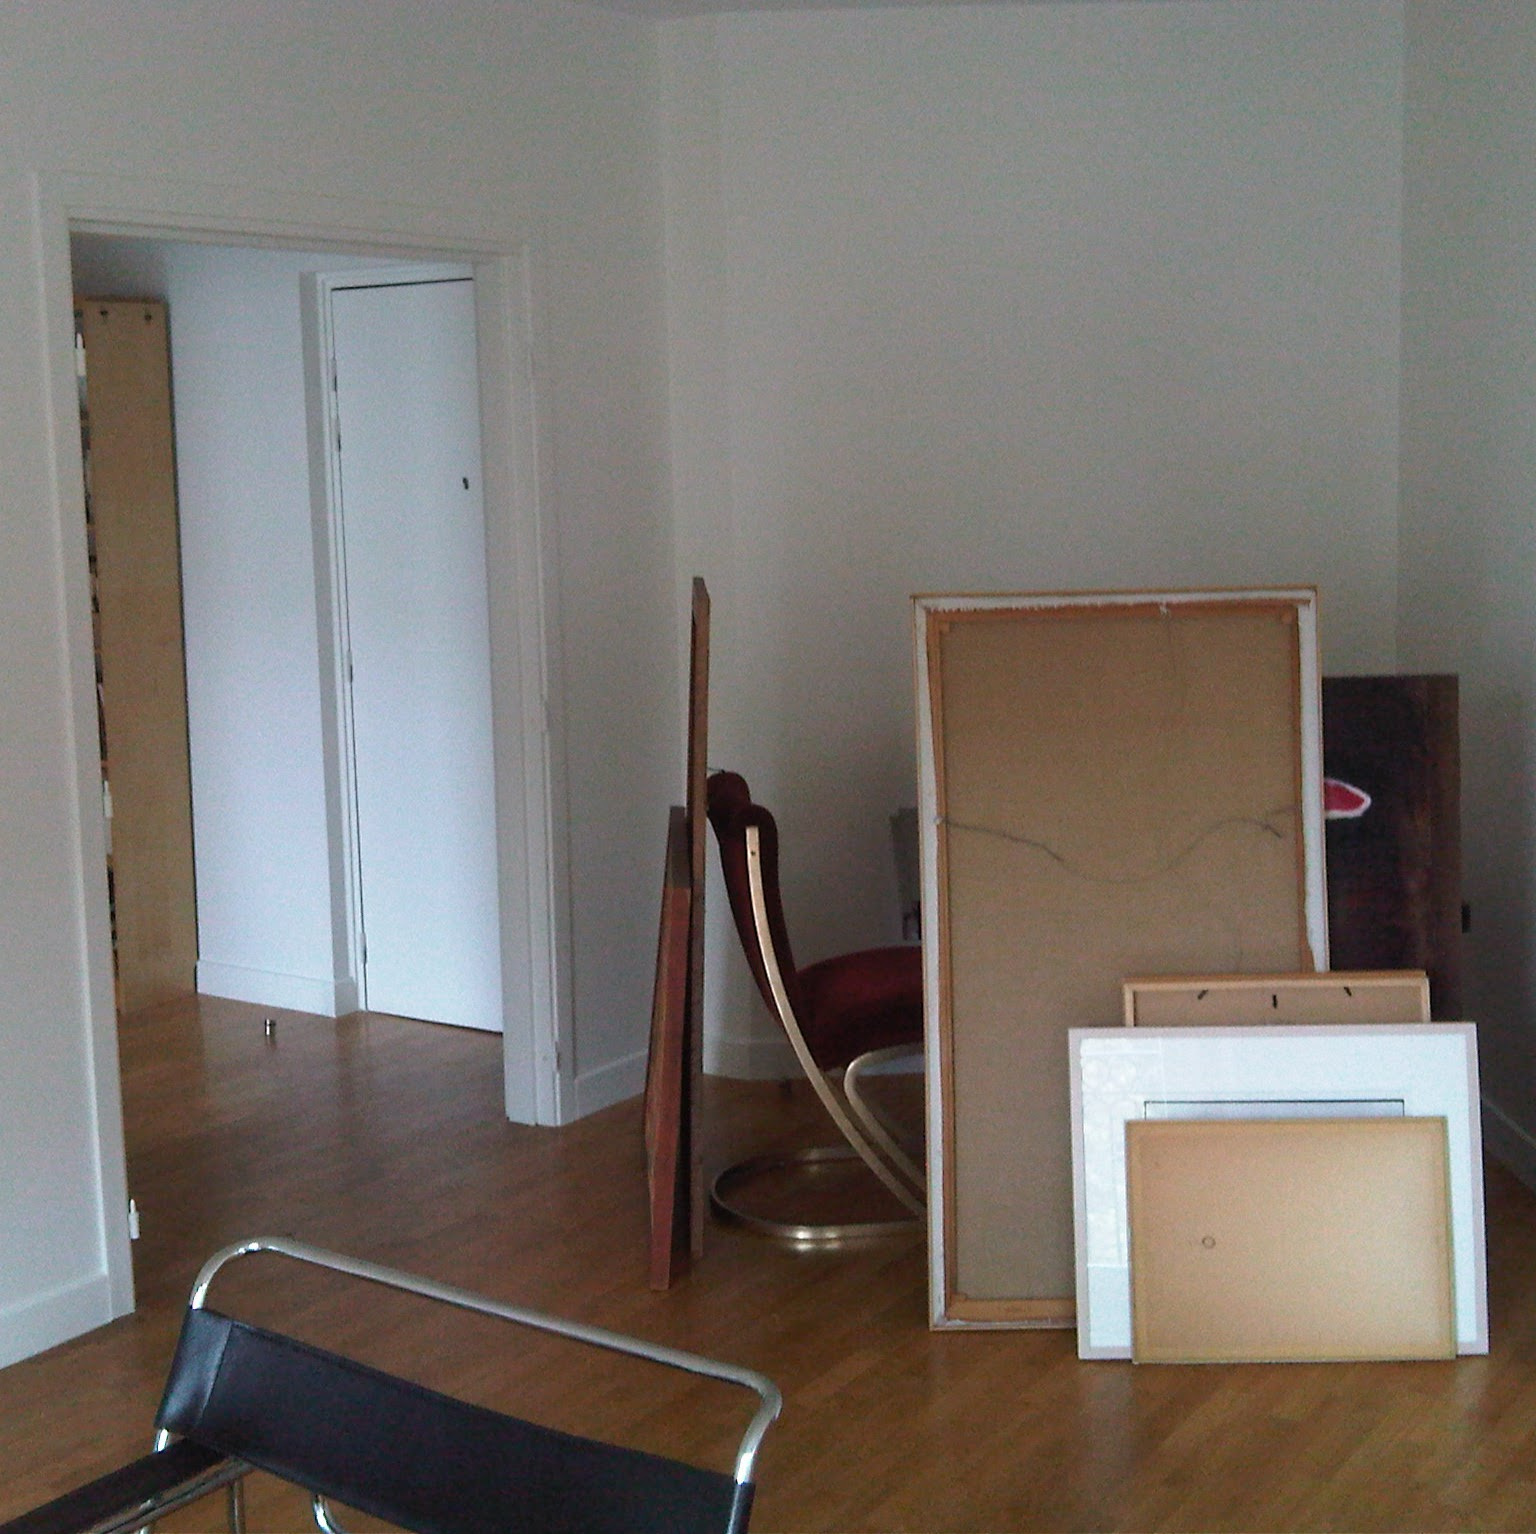 prix discount renovation peinture et ou vitrification. Black Bedroom Furniture Sets. Home Design Ideas